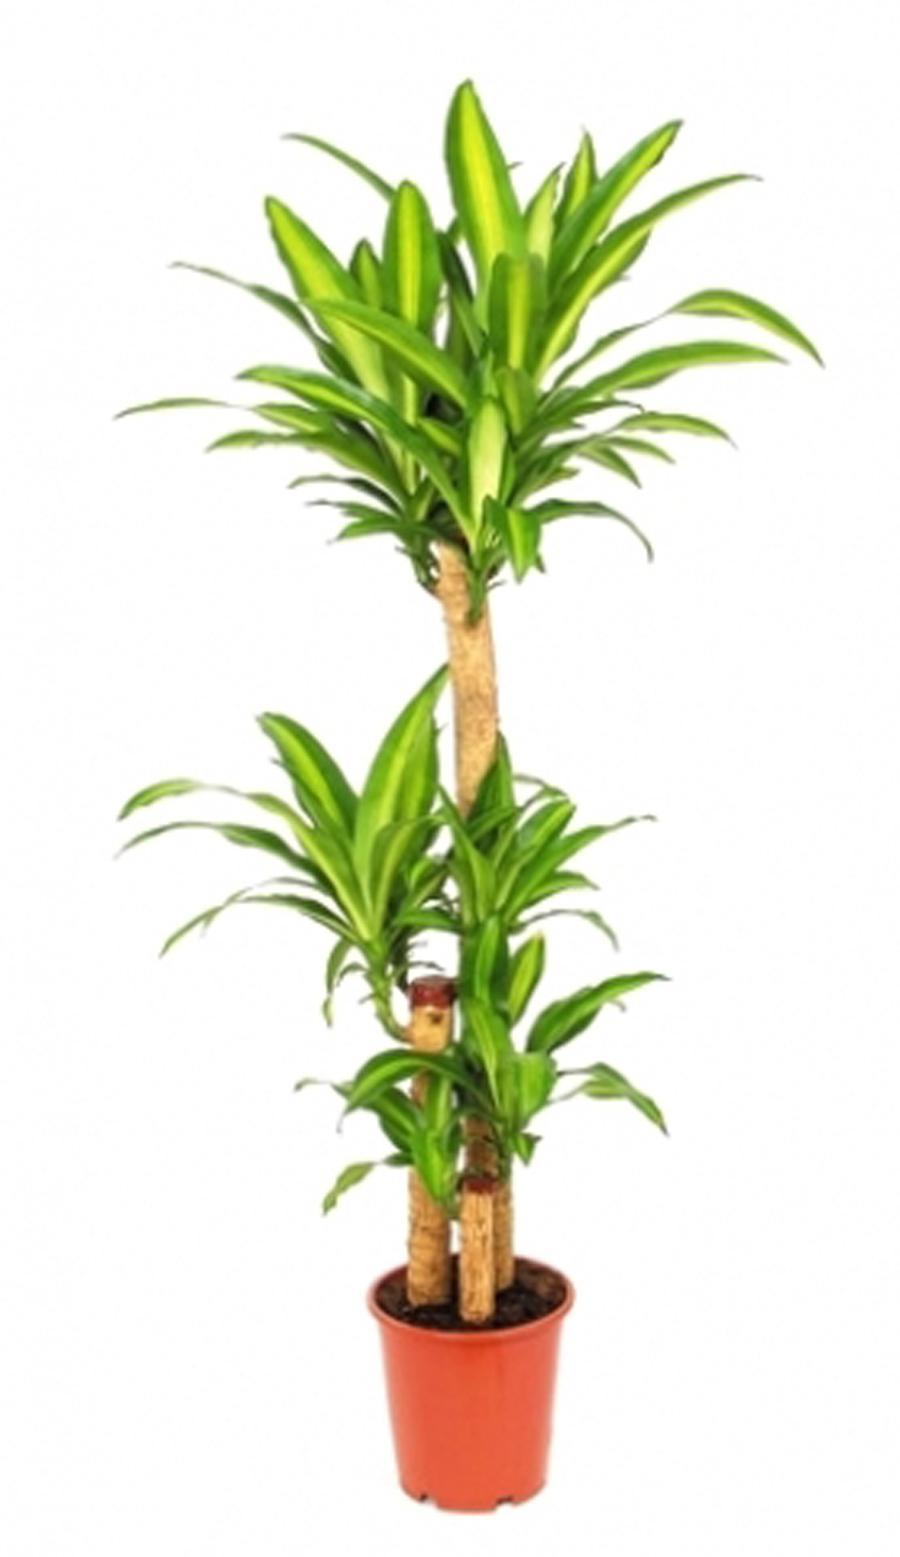 FLORS - Распродажа цветов и комнатных растений со скидкой